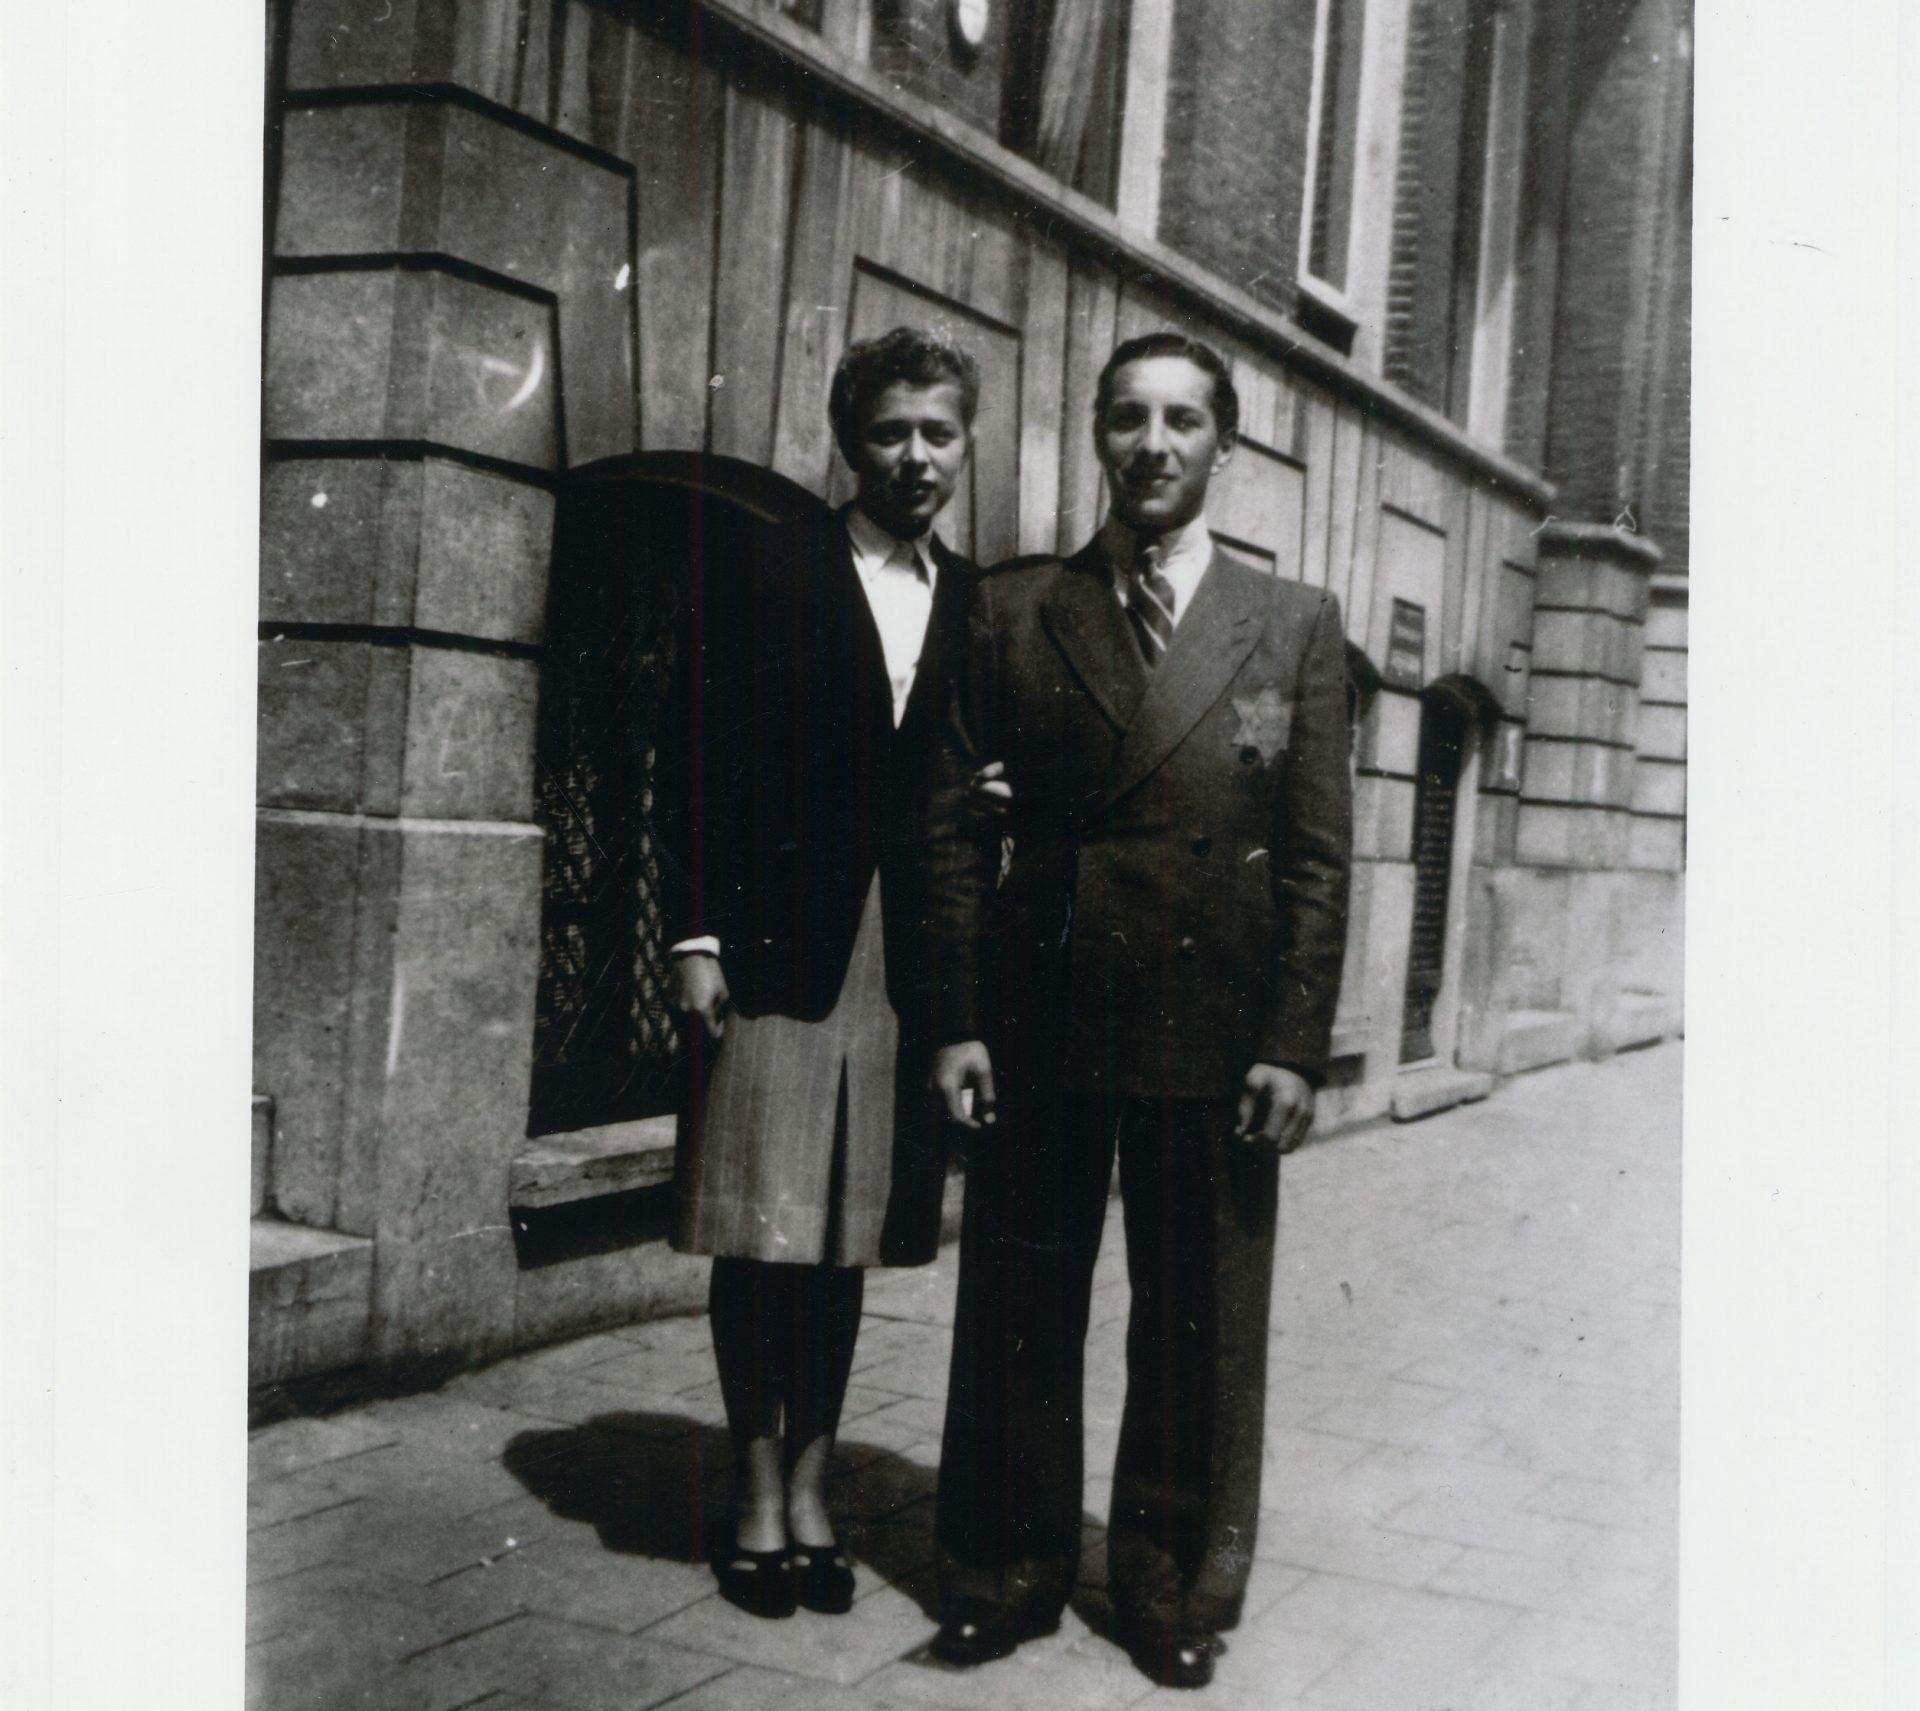 Photo de Samuel Schryver et sa fiancée Jetty De Leeuw posant dans le quartier juif d'Amsterdam en 1943. L'étoile jaune est visible sur l'habit du jeune homme.